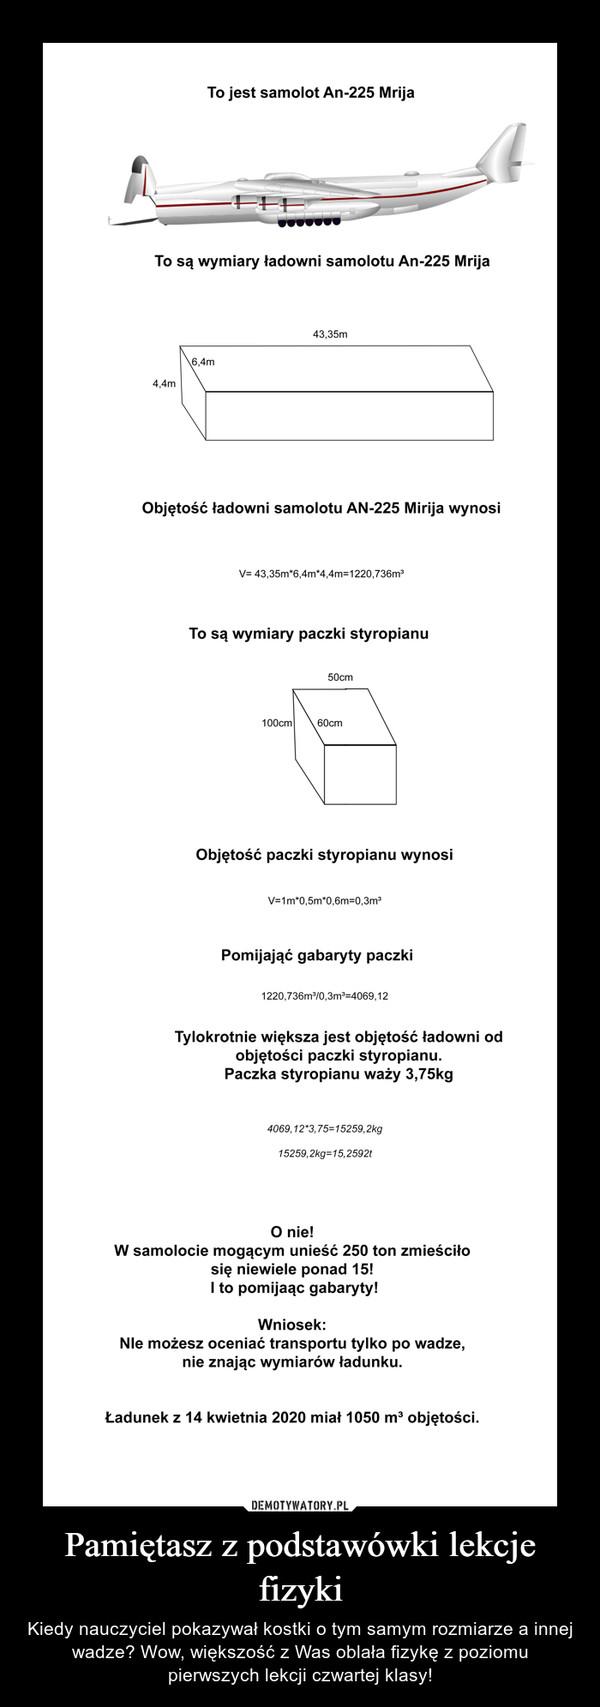 Pamiętasz z podstawówki lekcje fizyki – Kiedy nauczyciel pokazywał kostki o tym samym rozmiarze a innej wadze? Wow, większość z Was oblała fizykę z poziomu pierwszych lekcji czwartej klasy!